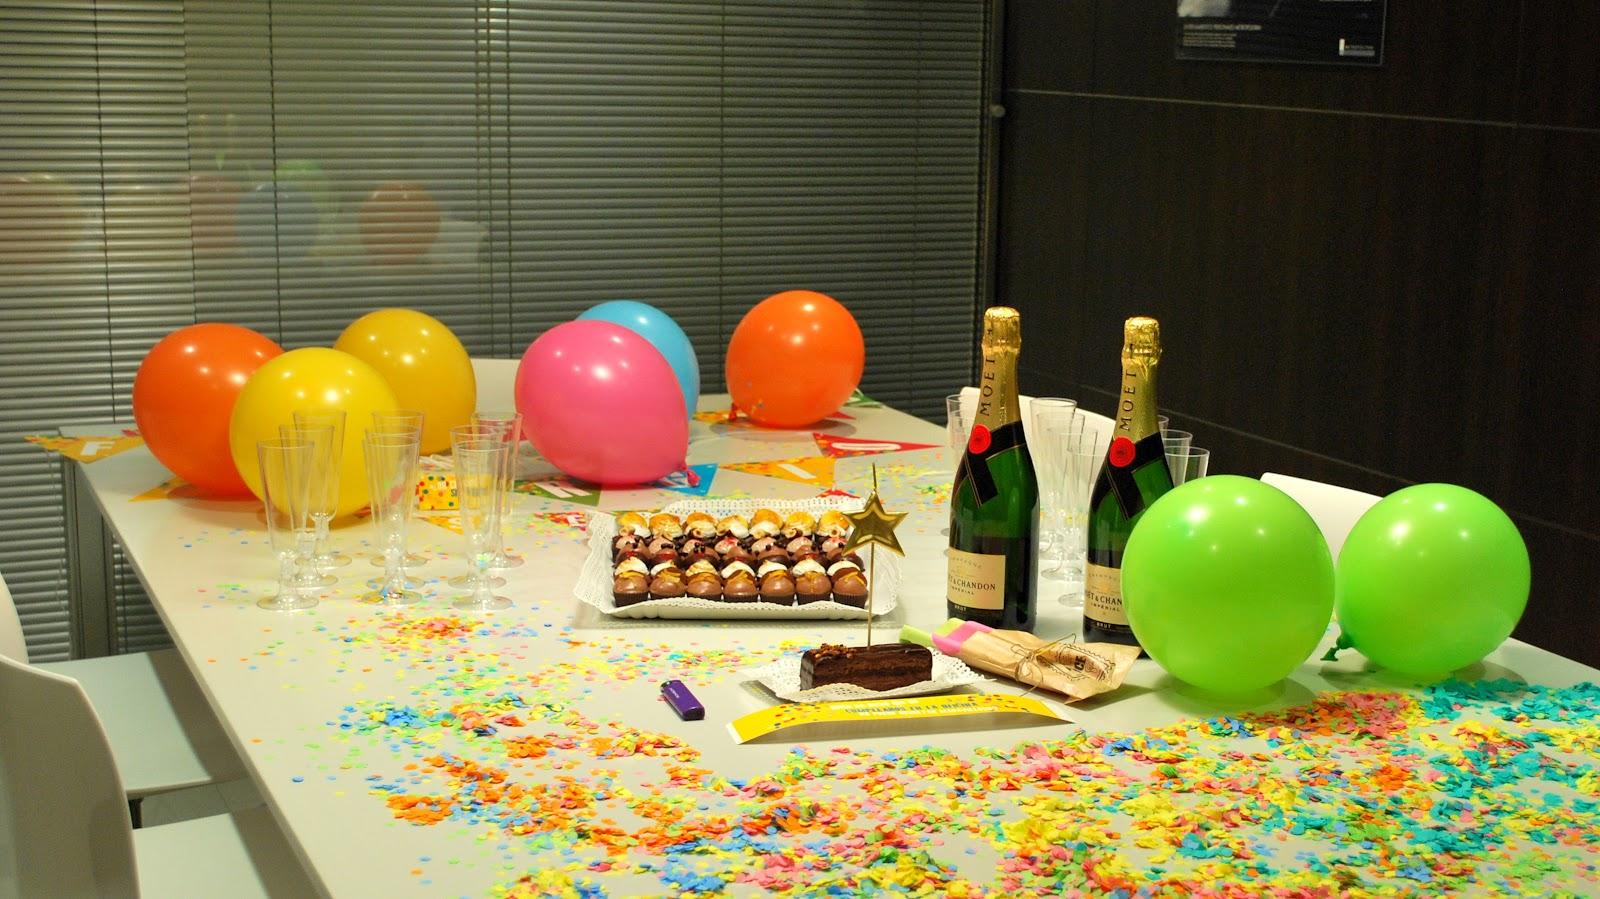 Mil cosas maravillosas marzo 2012 for Fiesta en la oficina